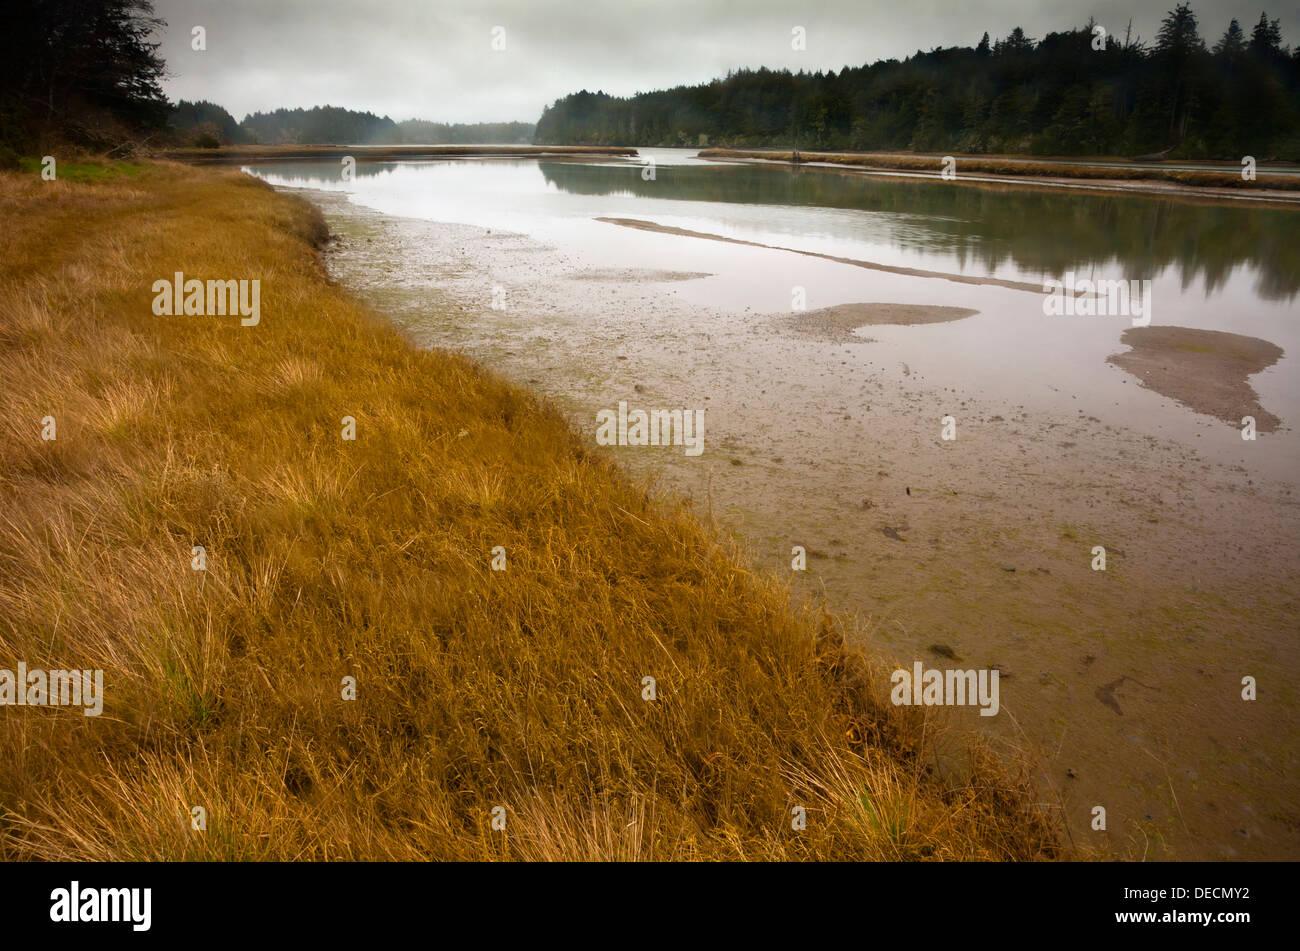 OREGON-der Süden Slough aus dem Marshside Sporn-Pfad in der südlichen Slough Mündungs nationale Reserve. Stockfoto